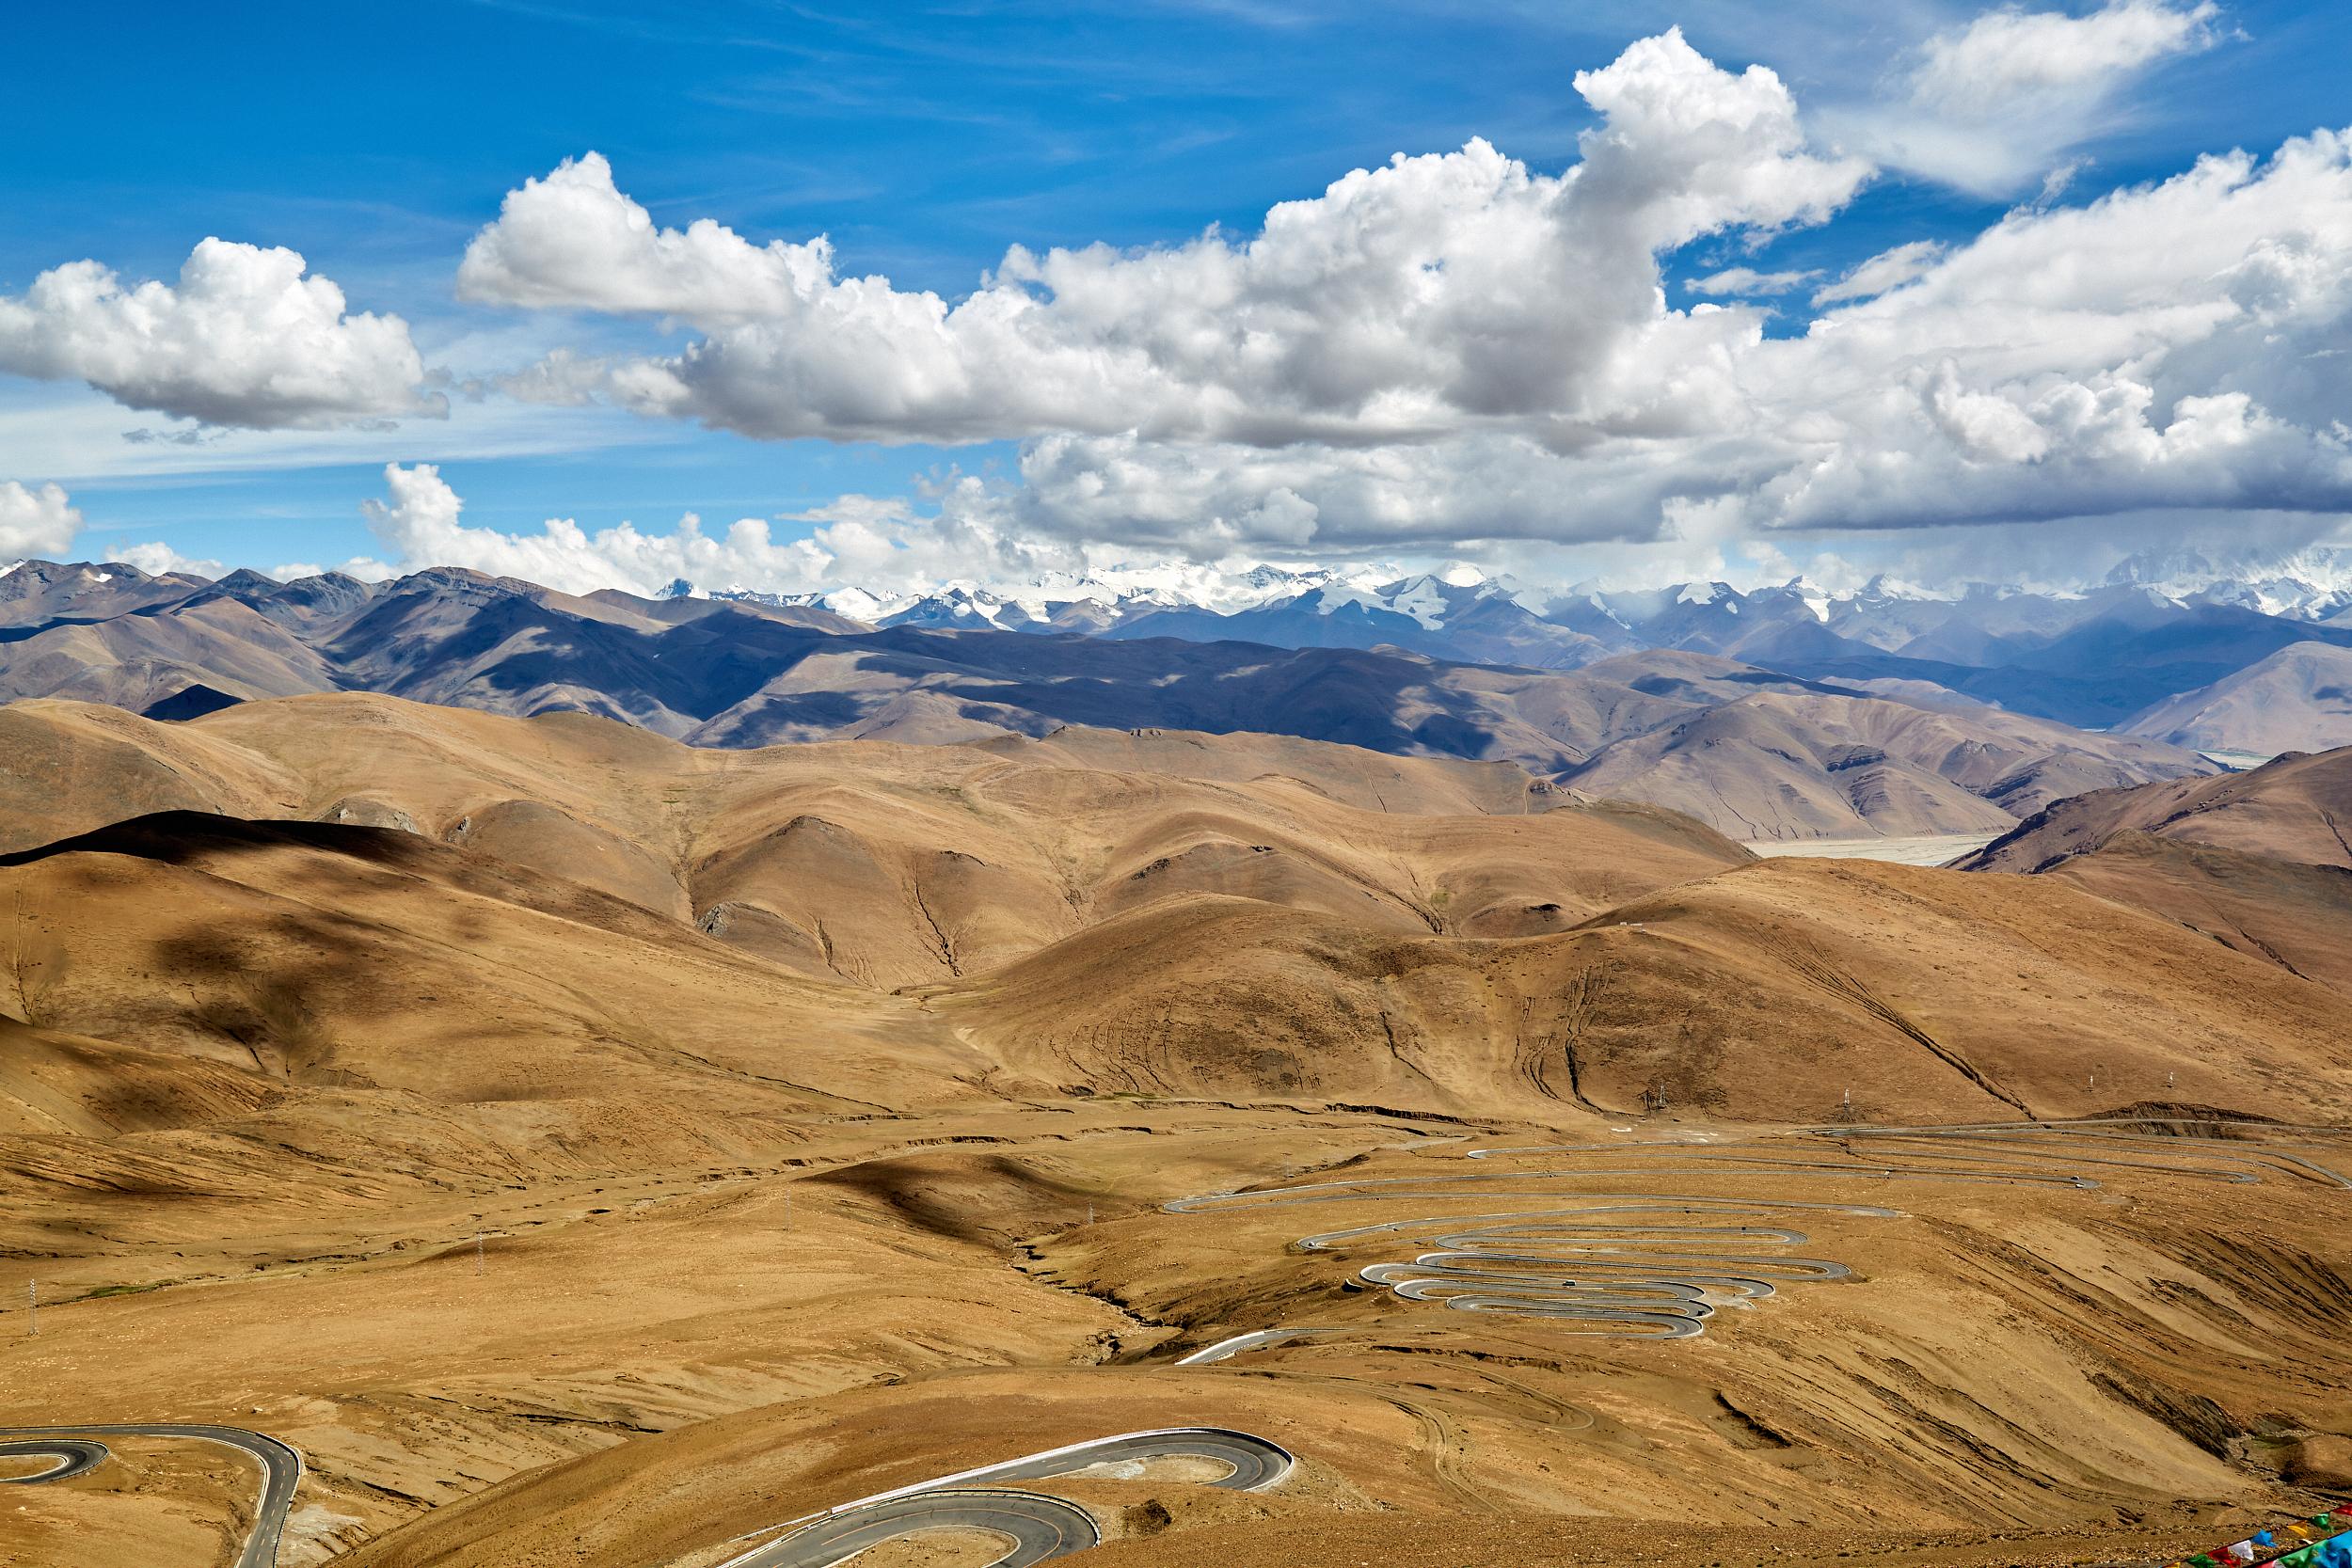 珠穆朗瑪峰自然保護區